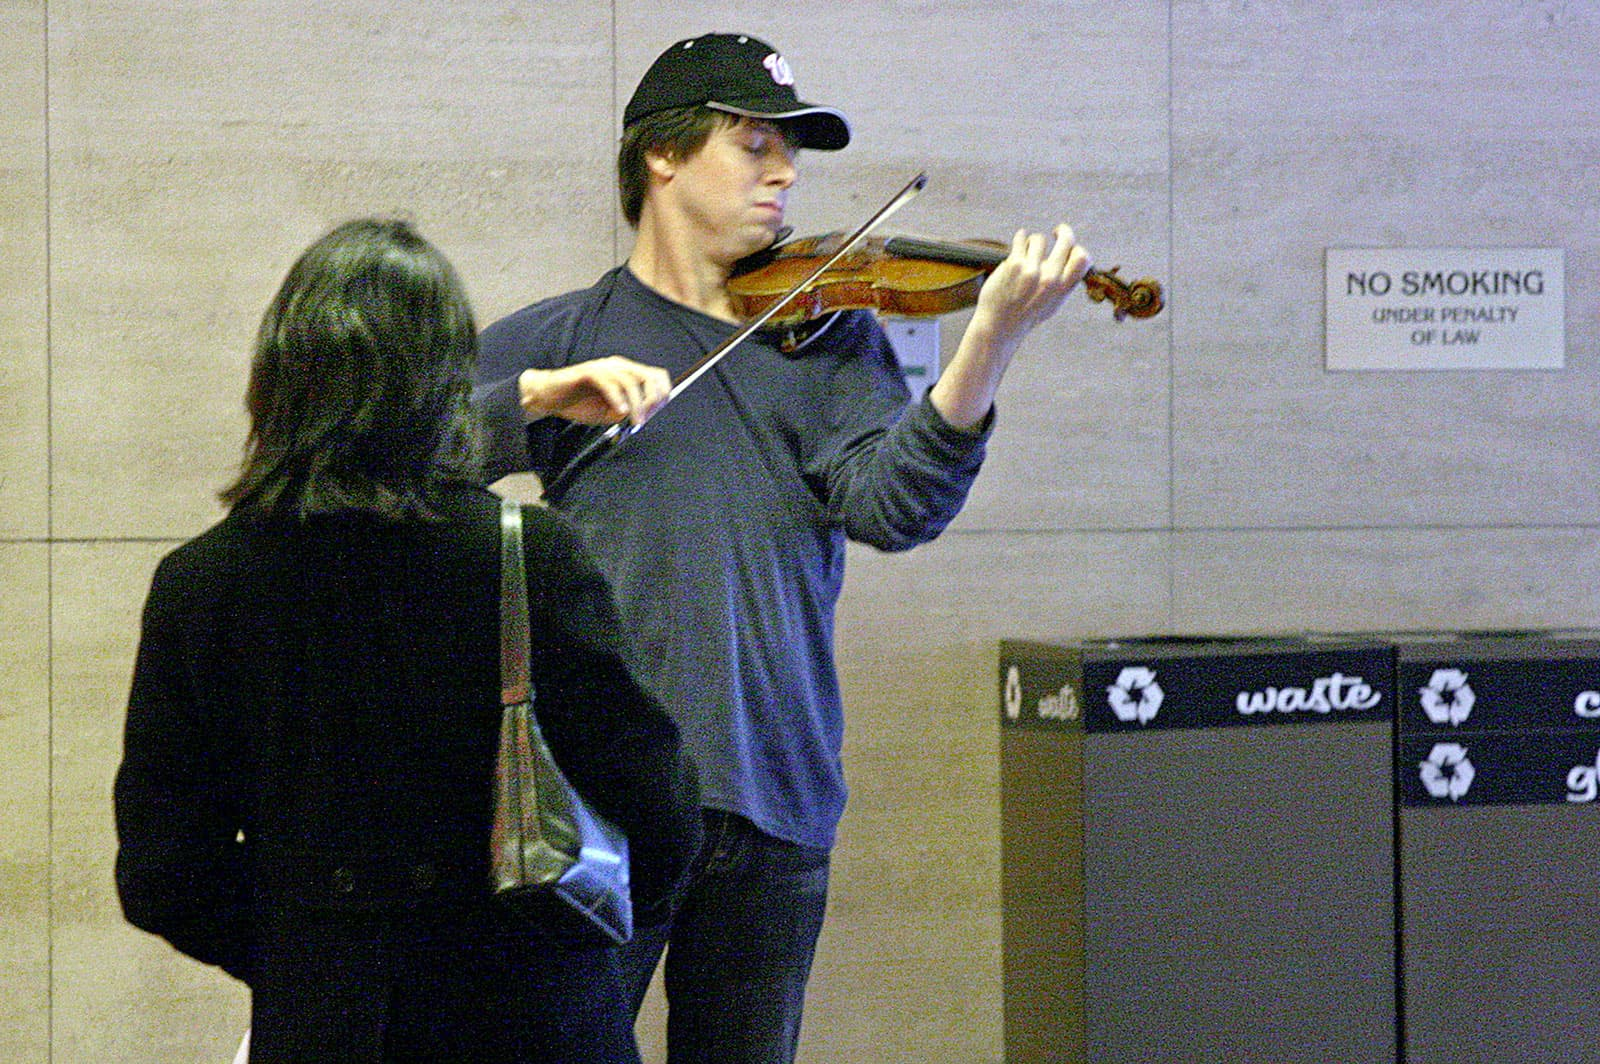 El violinista Joshua Bell tocant al metro de Washington, amb un Stradivarius valorat en 3,5milions de dòlars. Fotografia de Michael Williamson/The Washigton Post/Getty